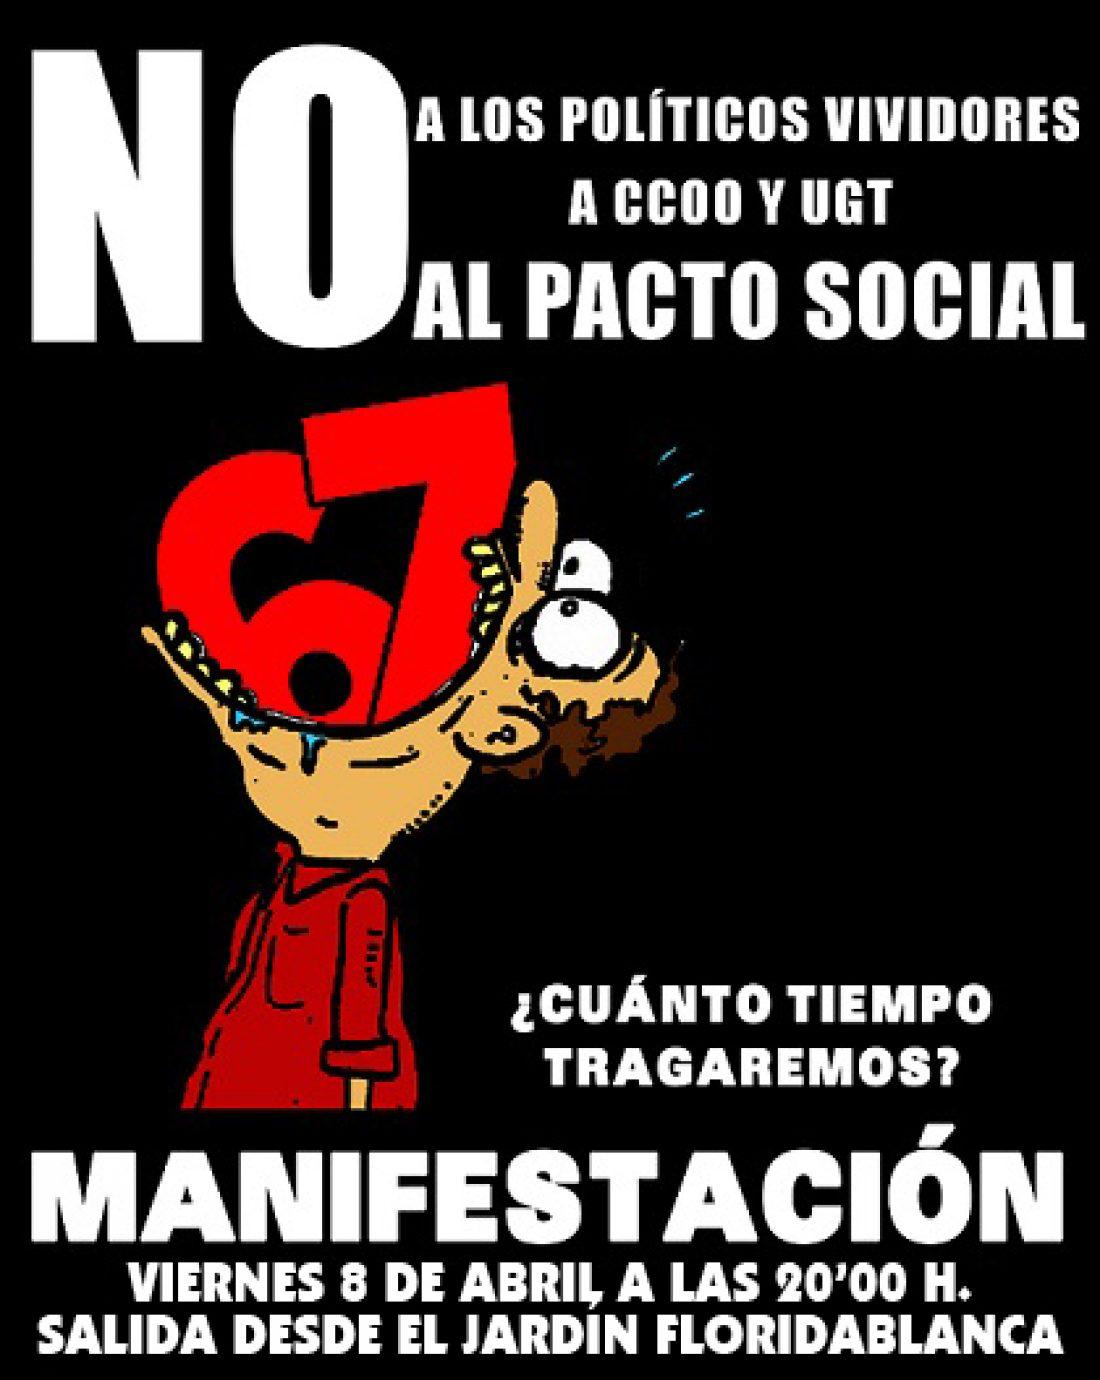 Murcia, 8 de Abril: CGT convoca una Manifestación contra el pacto social y la reforma de las pensiones